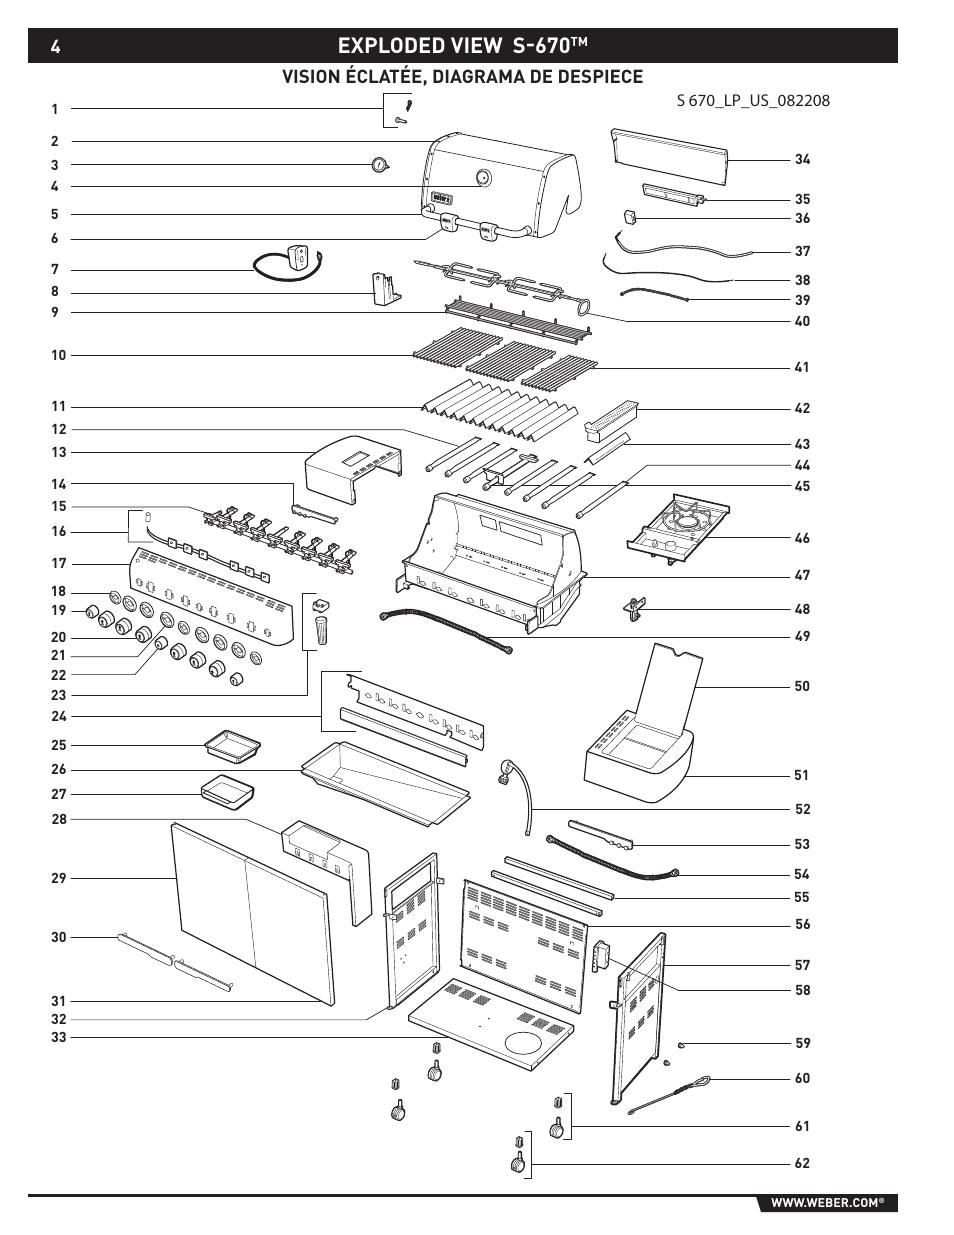 Exploded view s-670, Vision éclatée, diagrama de despiece